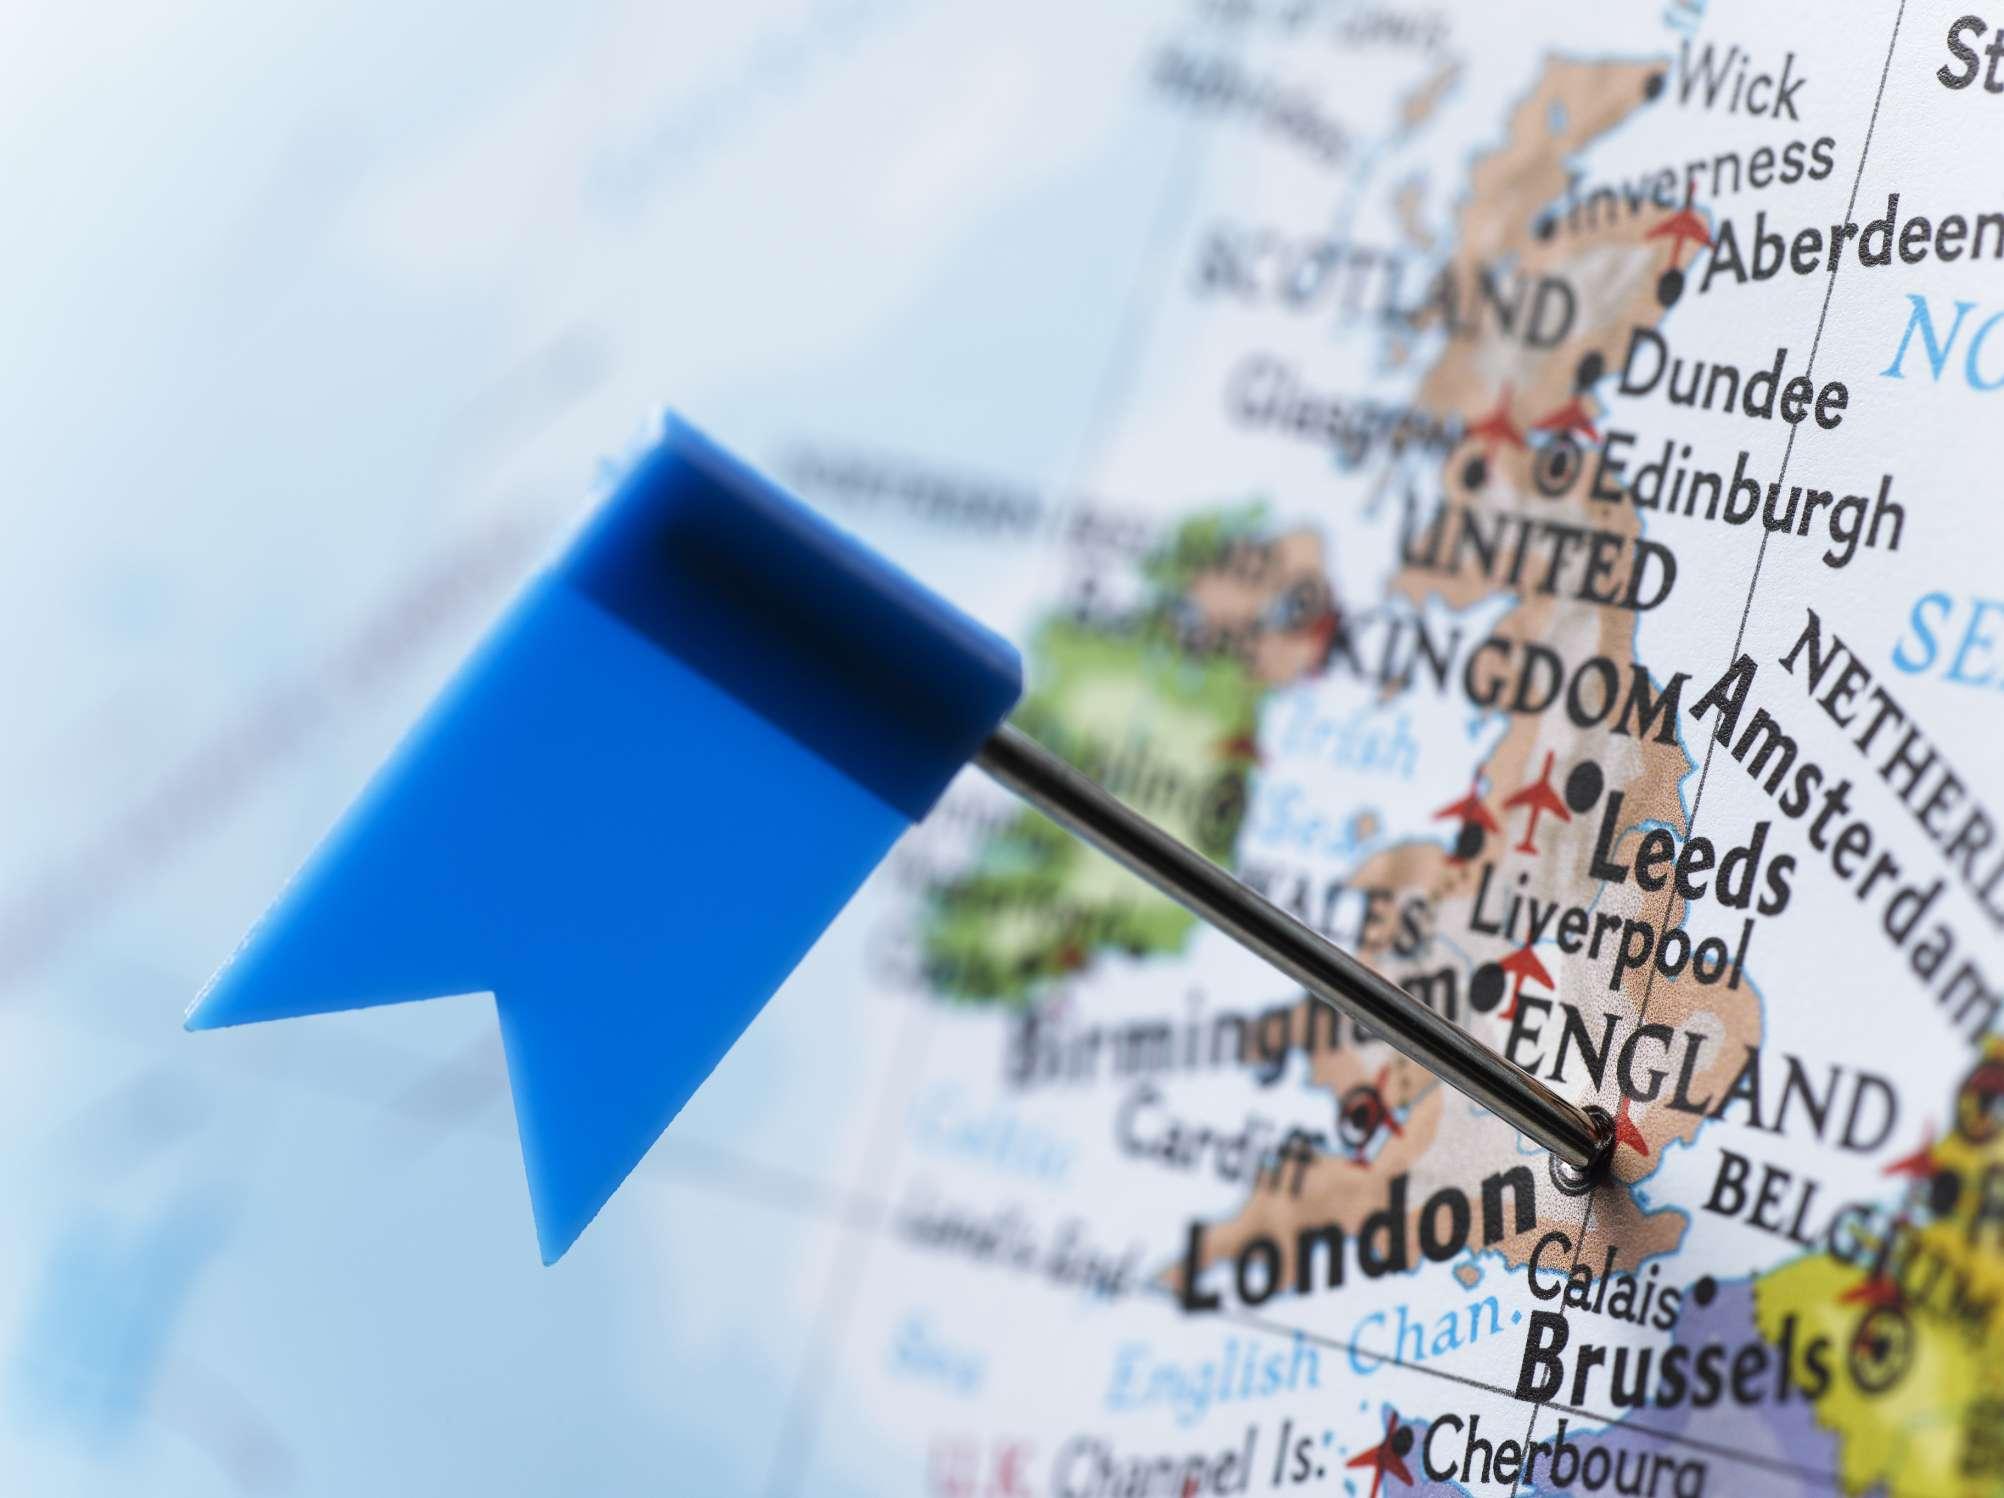 pin en un mapa de Gran Bretaña